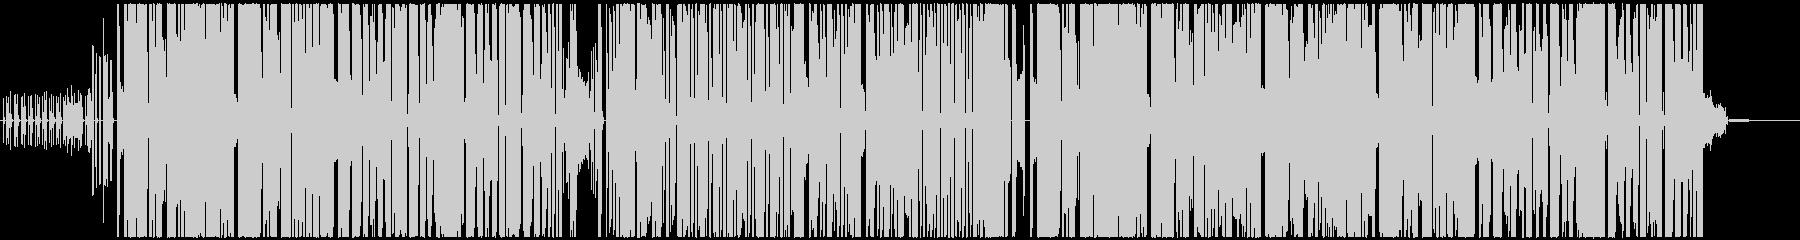 ピコピコ系ゲームOP風の未再生の波形